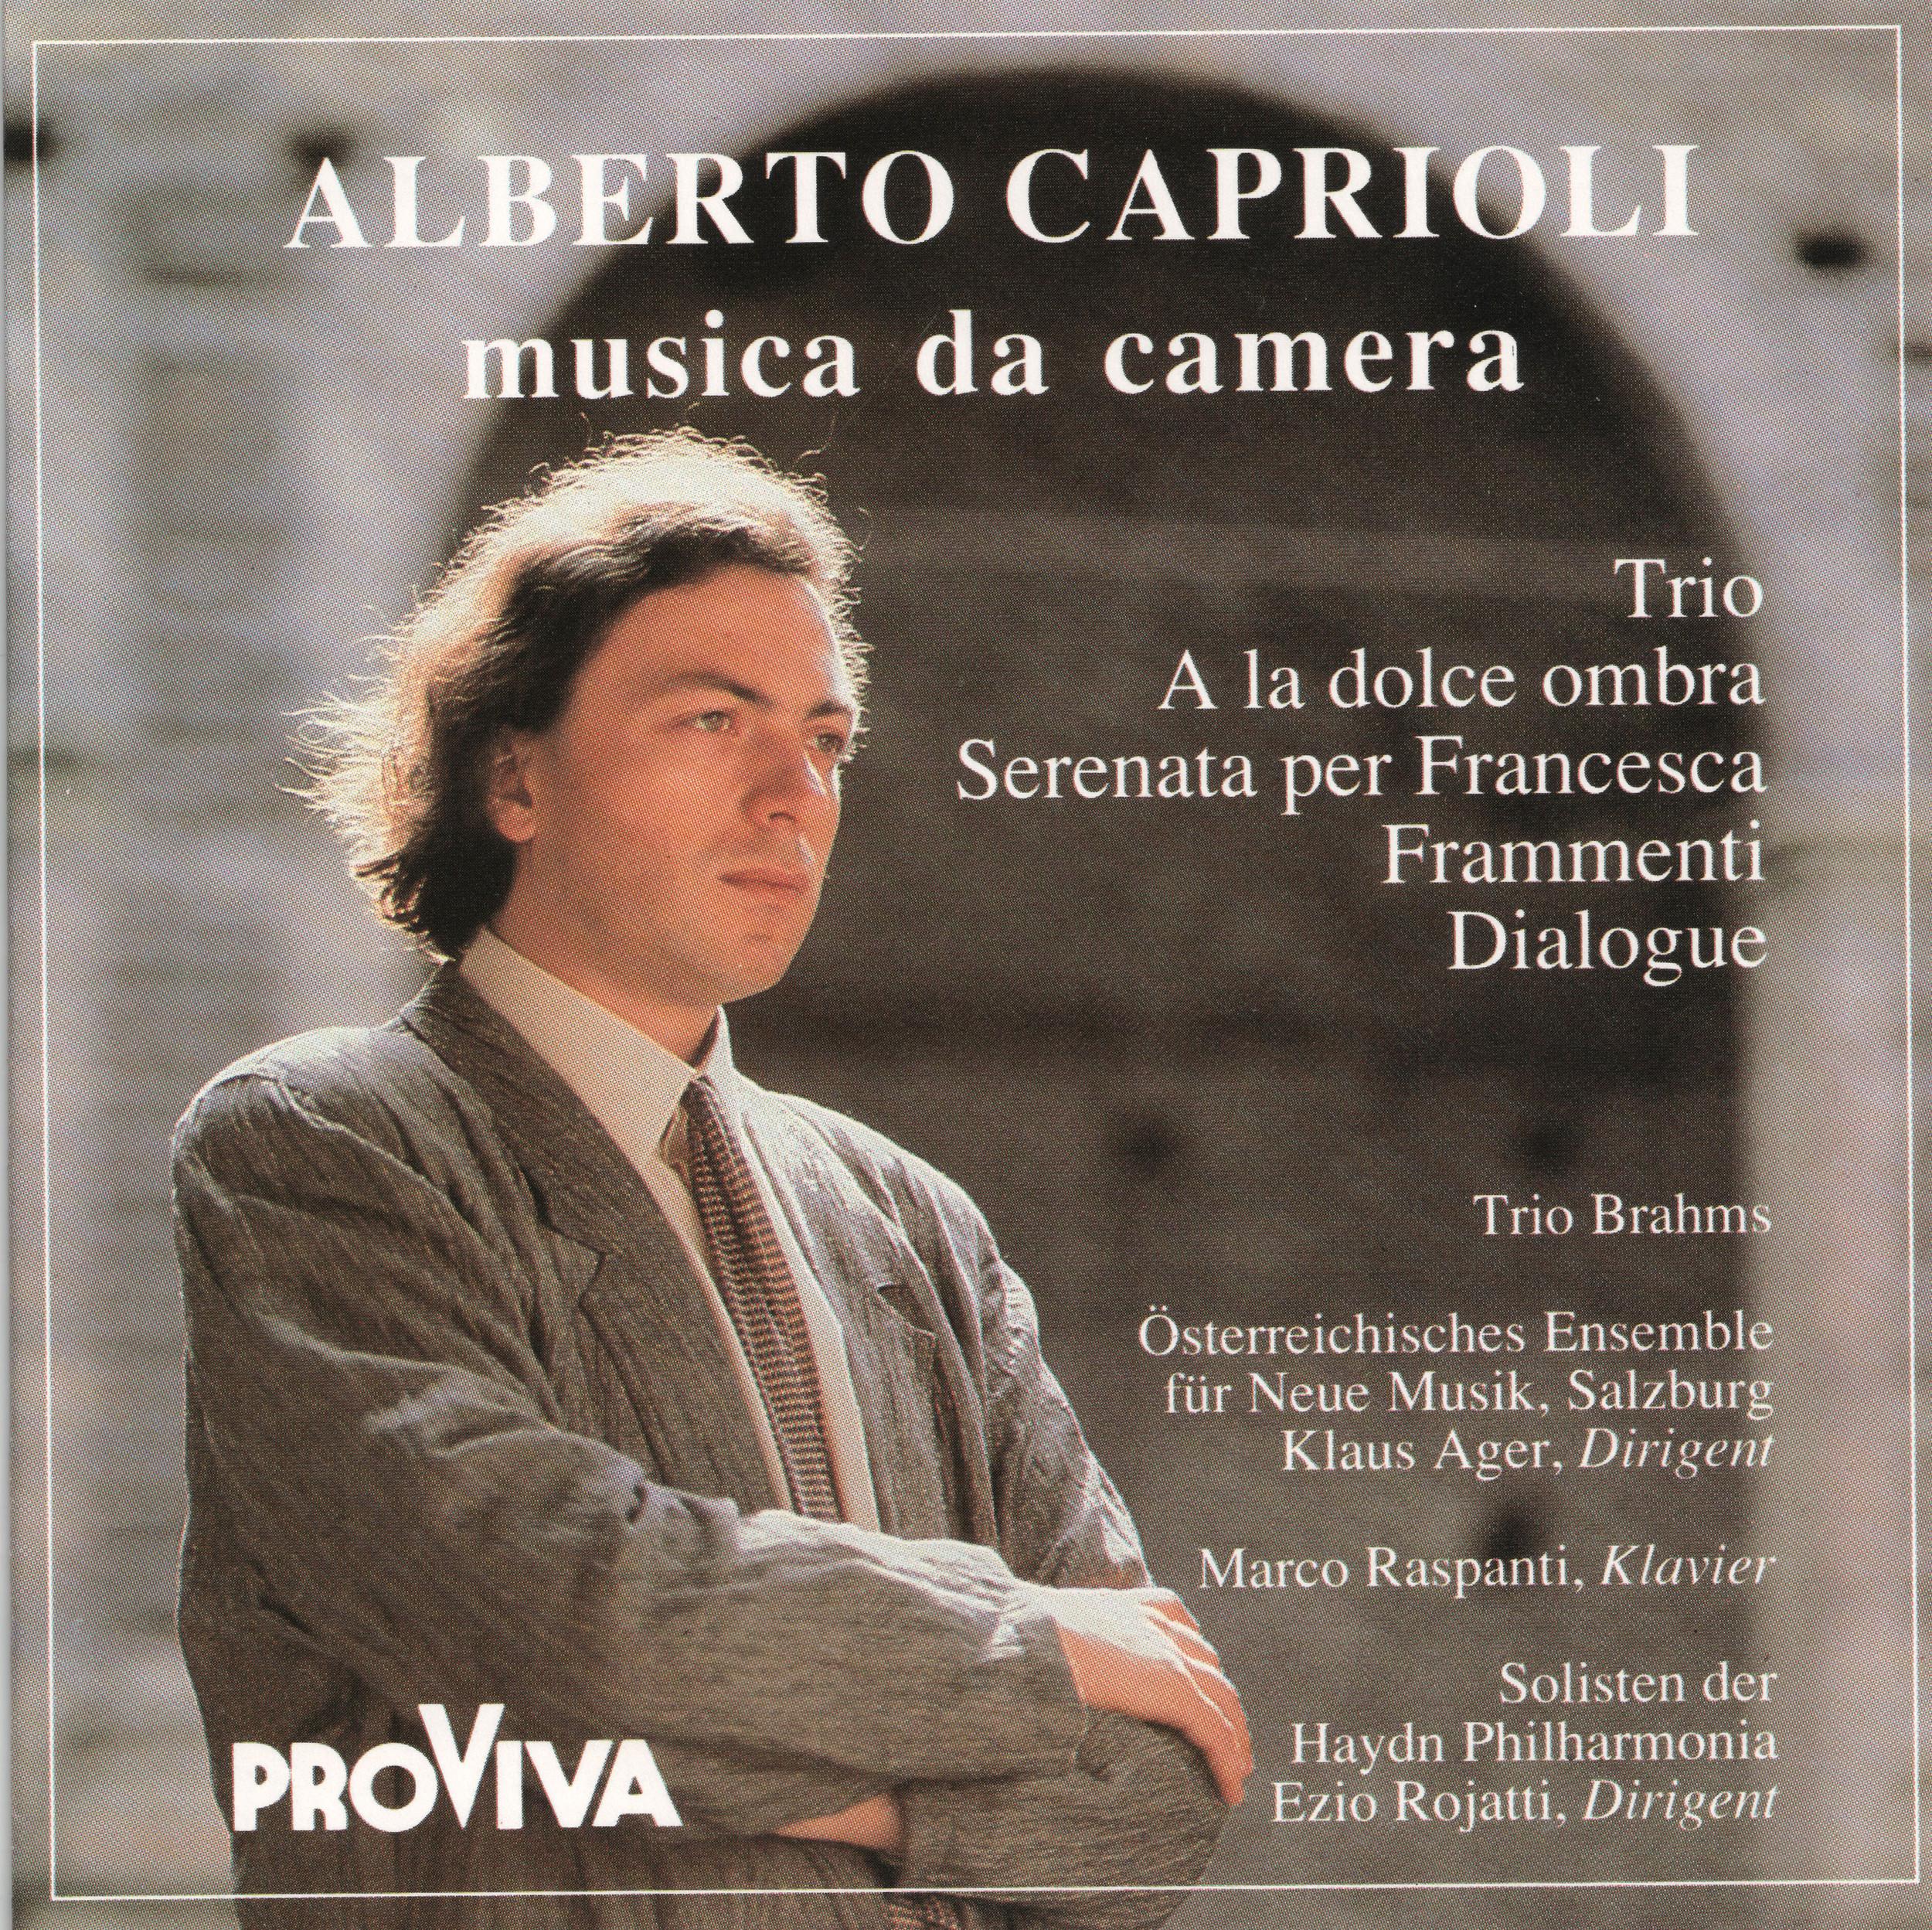 Alberto Caprioli musica da camera